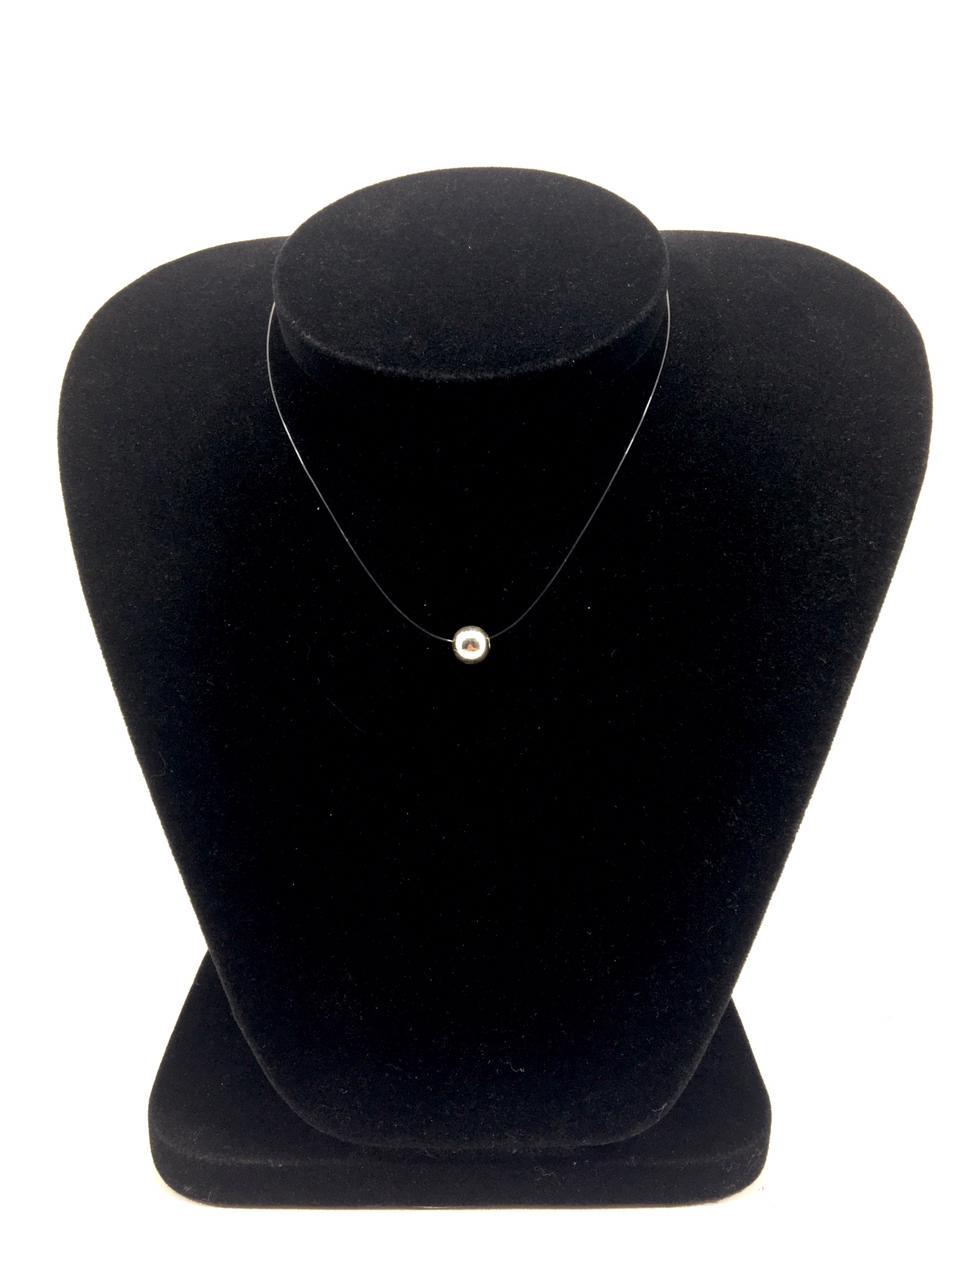 Gargantilha de Nylon 40 cm com Pingente de esfera em Prata 925